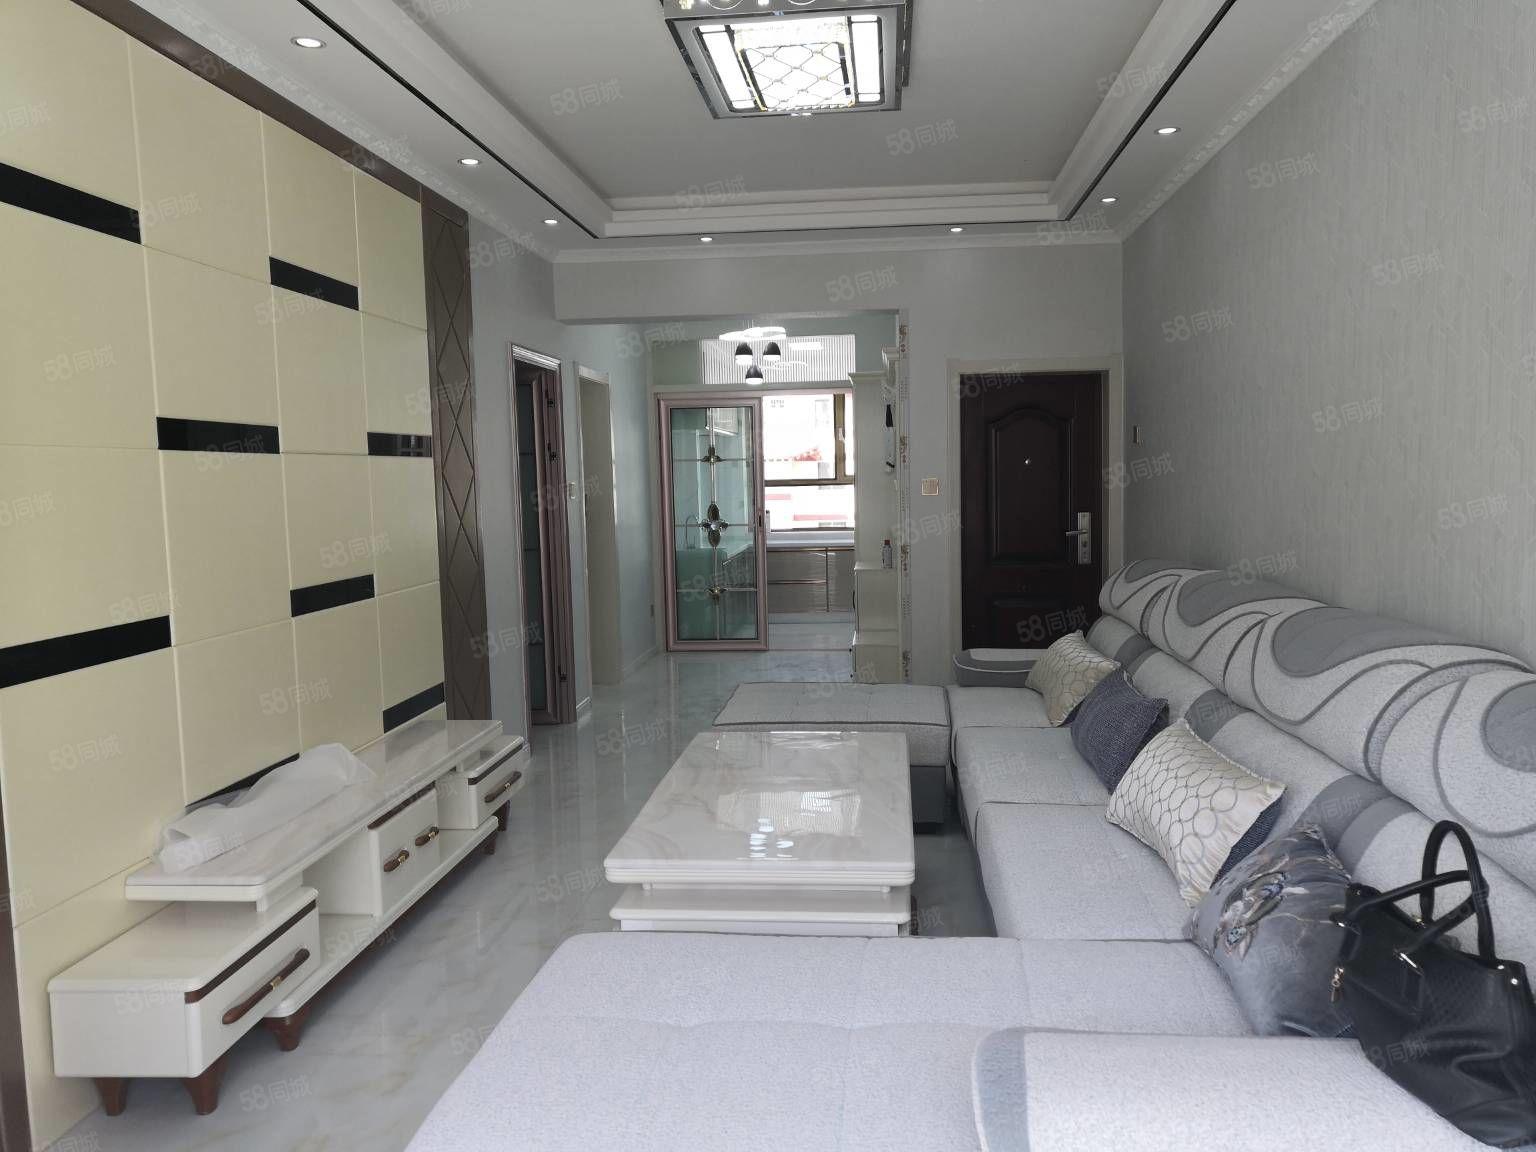 東關二校附近3樓兩室兩廳精裝地暖,直通結構,樓層佳采光好